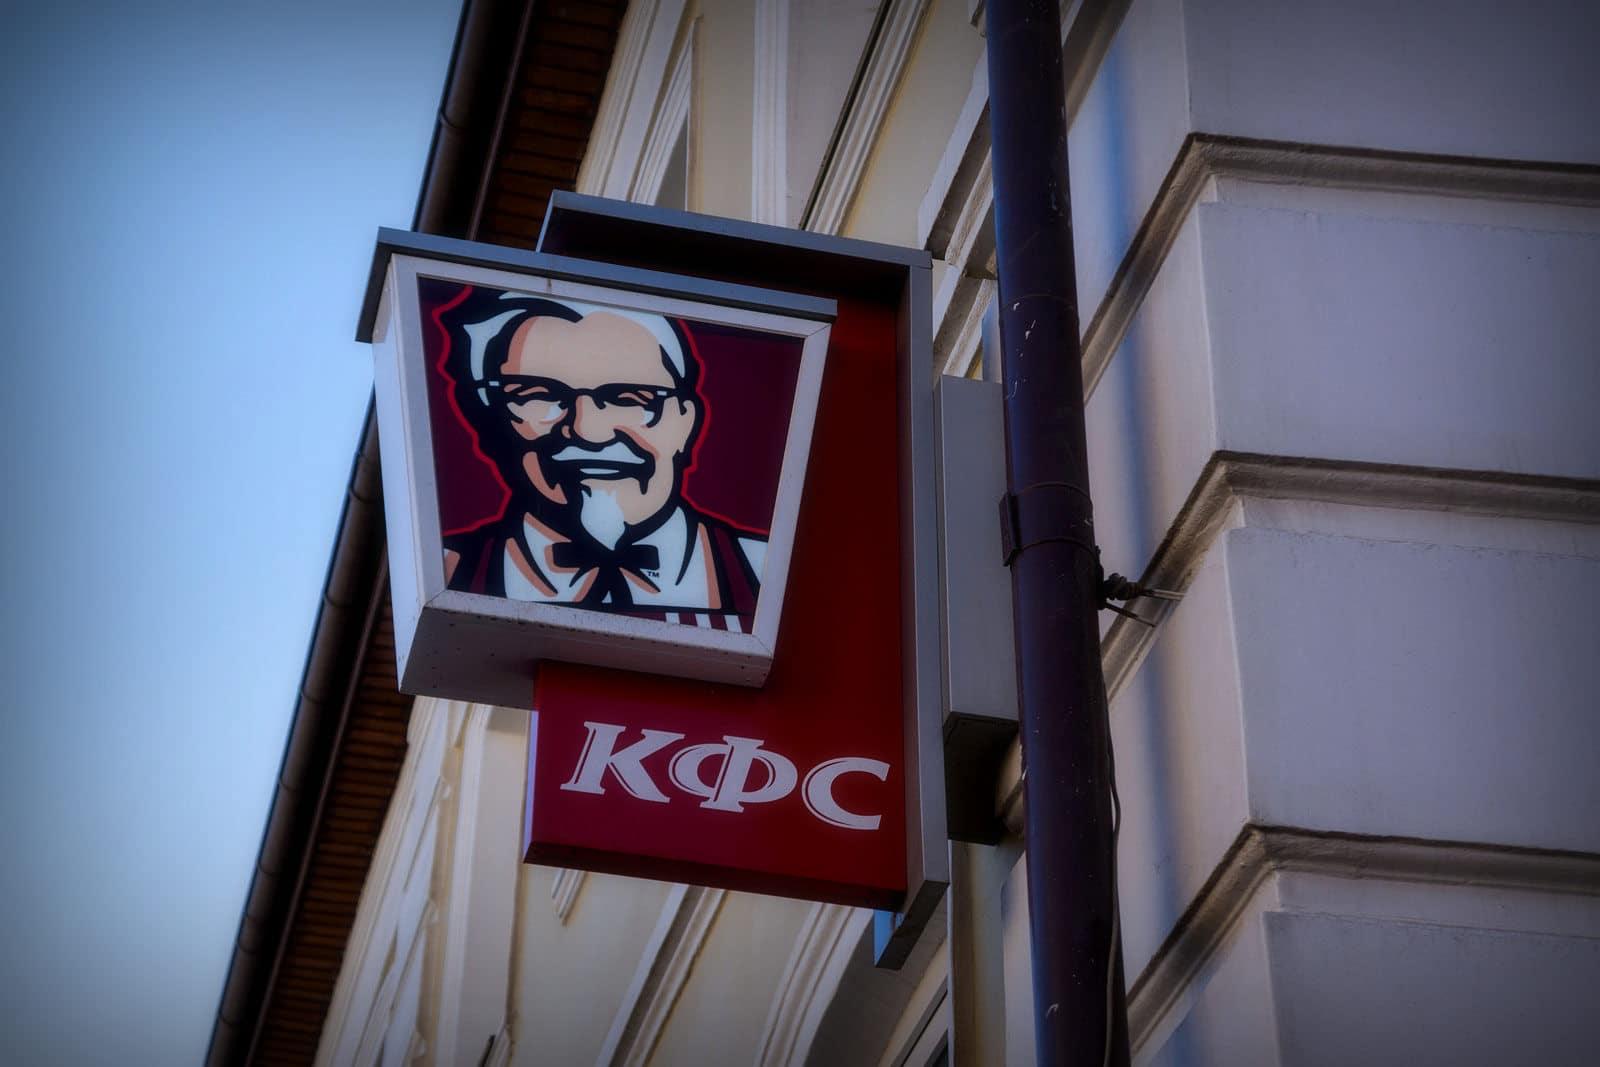 Сеть KFC в России будет расширяться: рестораны появятся в малых и средних городах